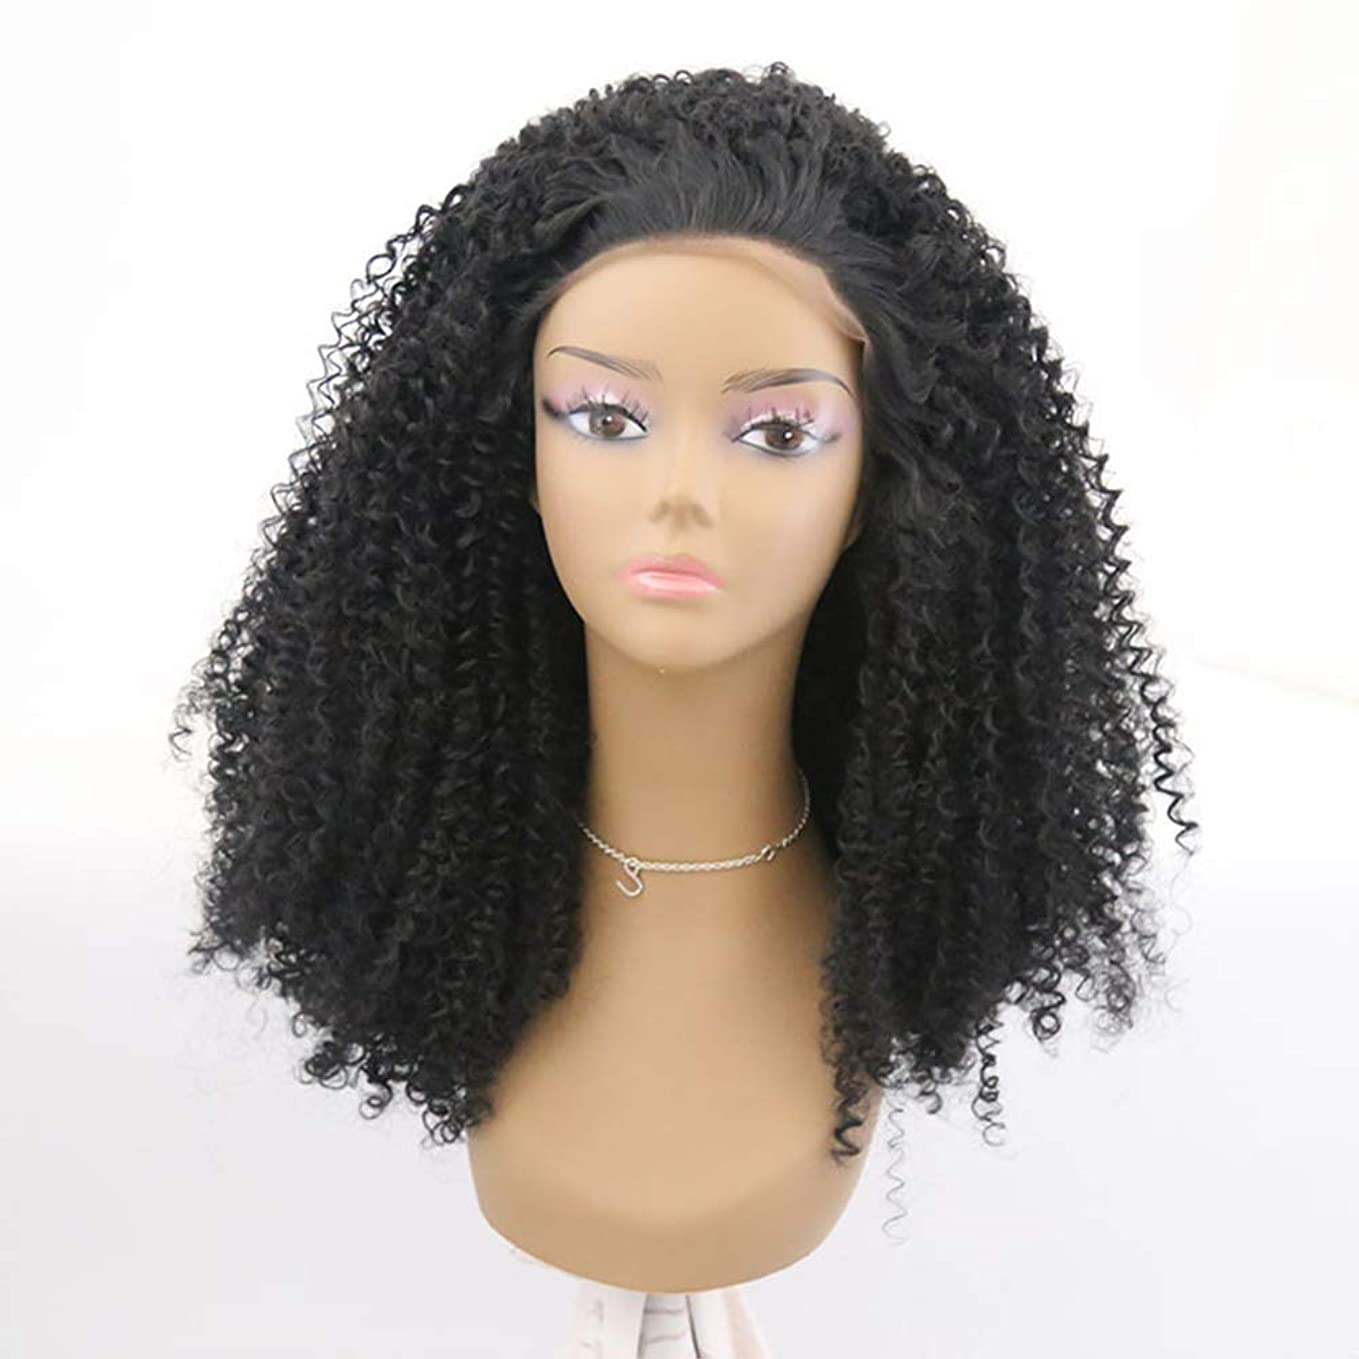 エネルギー旅客ボーカル女性かつらブラジルの人間の髪の毛短い巻き毛の部分レースフロントかつら赤ん坊の髪の漂白された結び目プレプレックヘアライン180%密度黒